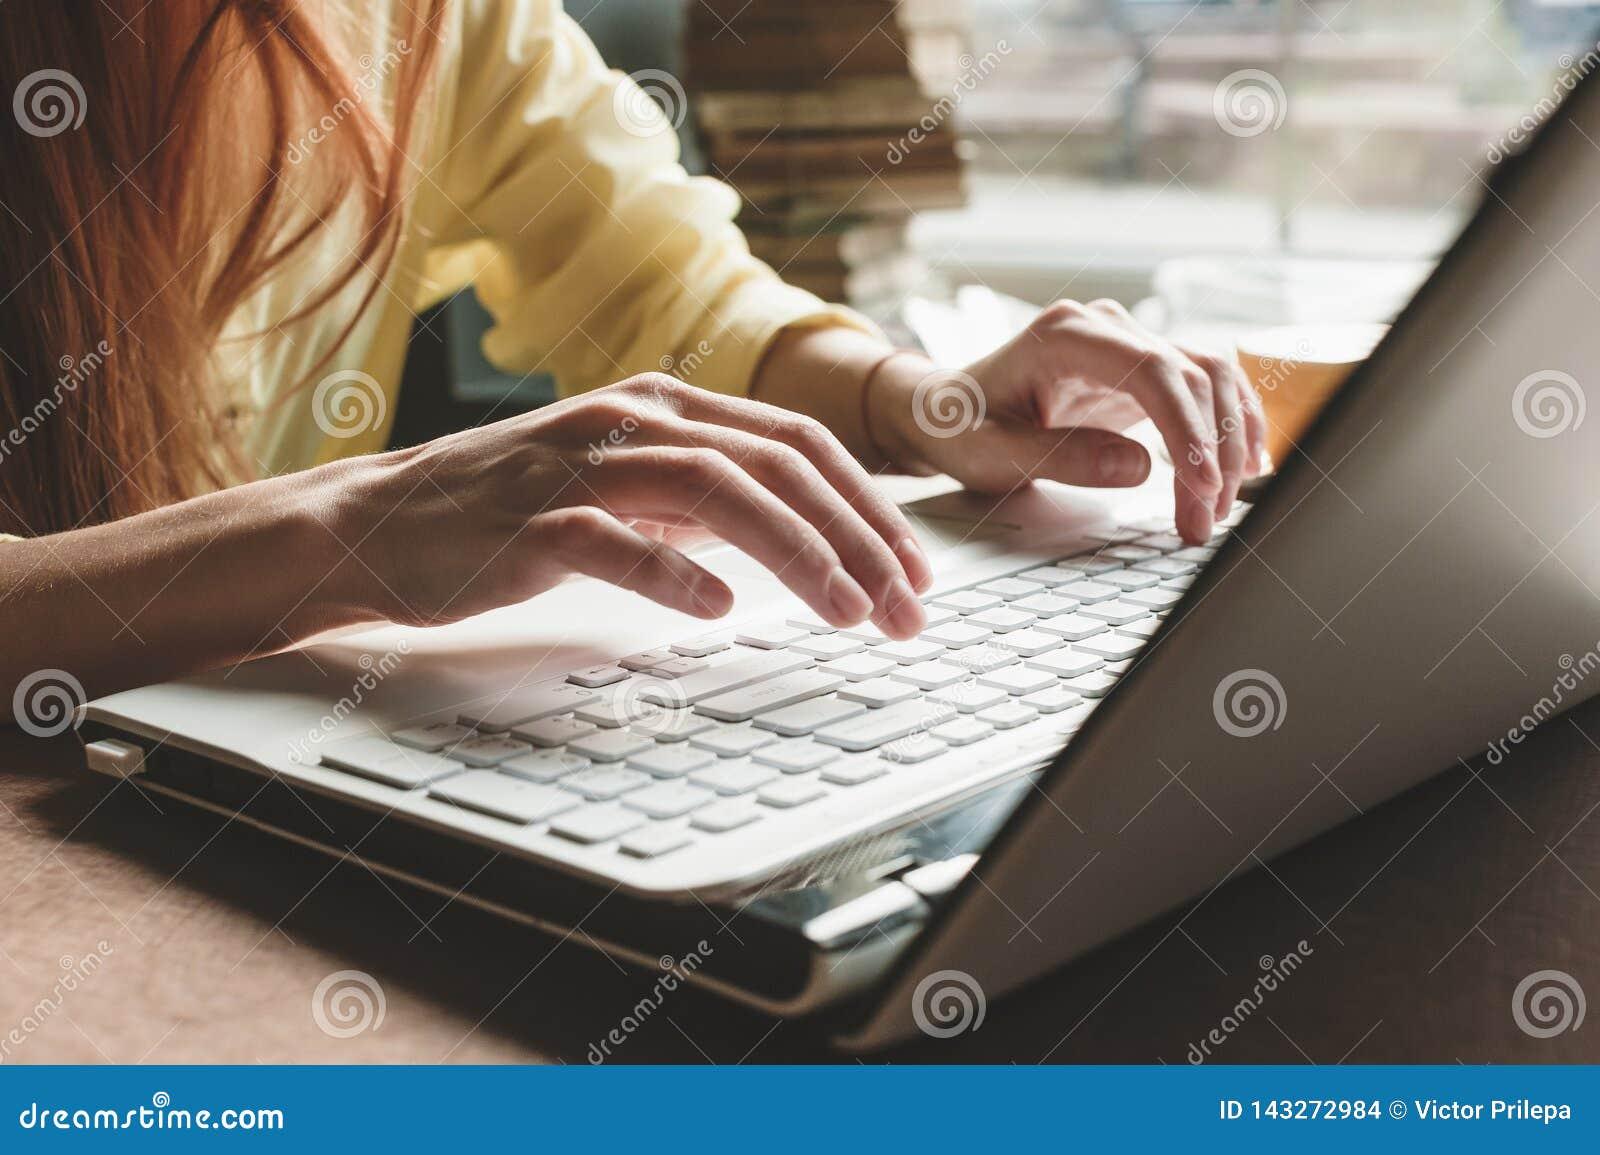 La muchacha imprime en un ordenador blanco Primer de manos en el teclado de un ordenador